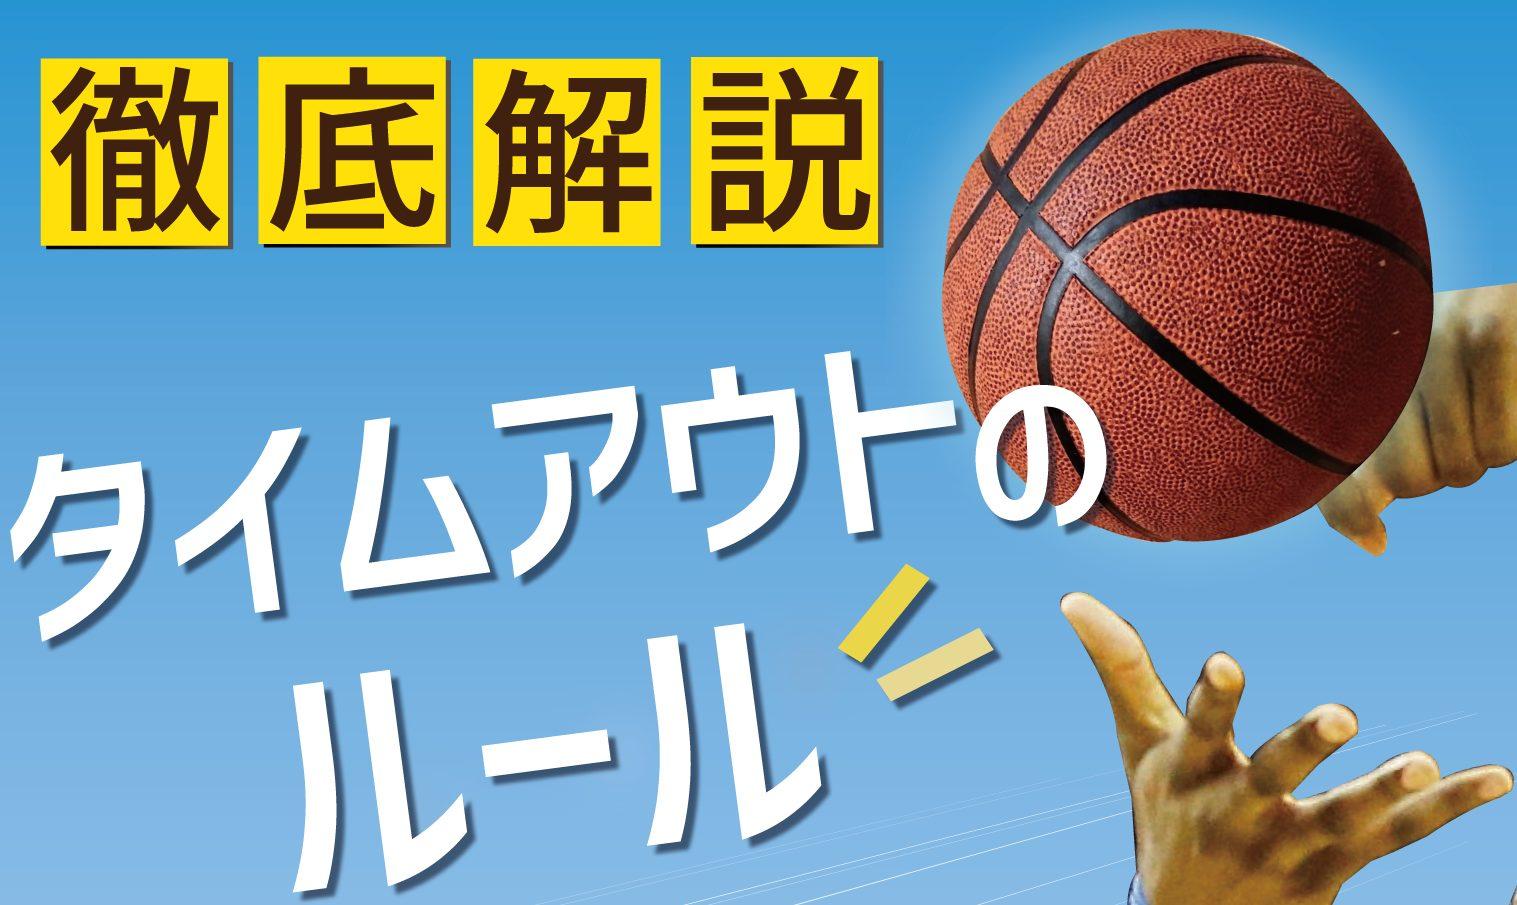 【2019年最新版】バスケットボールのタイムアウトのルールを徹底解説!